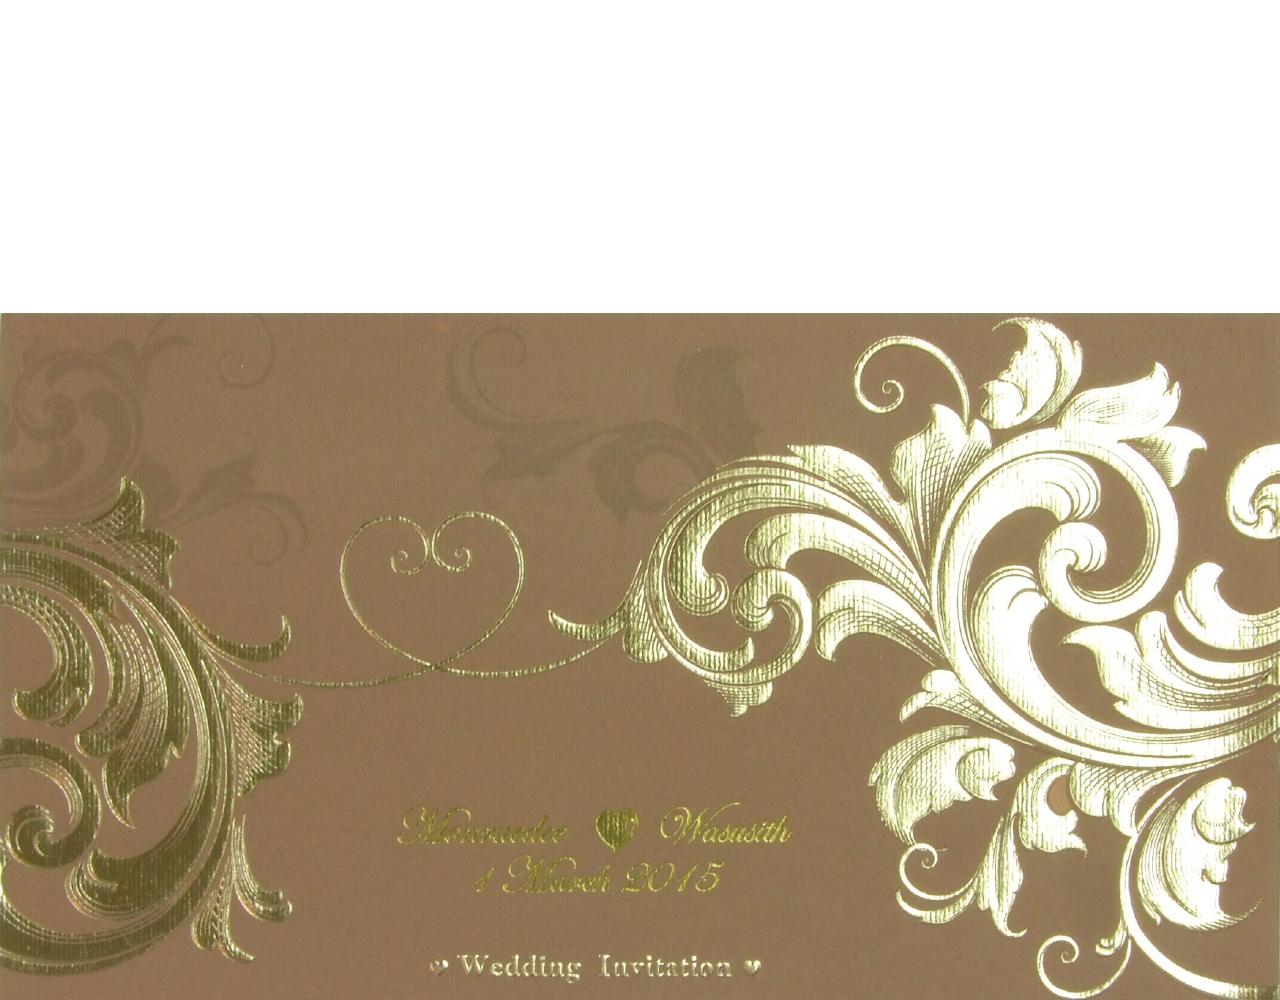 Wedding card 12×22.2 cm SP 5862 ฿ 9.50